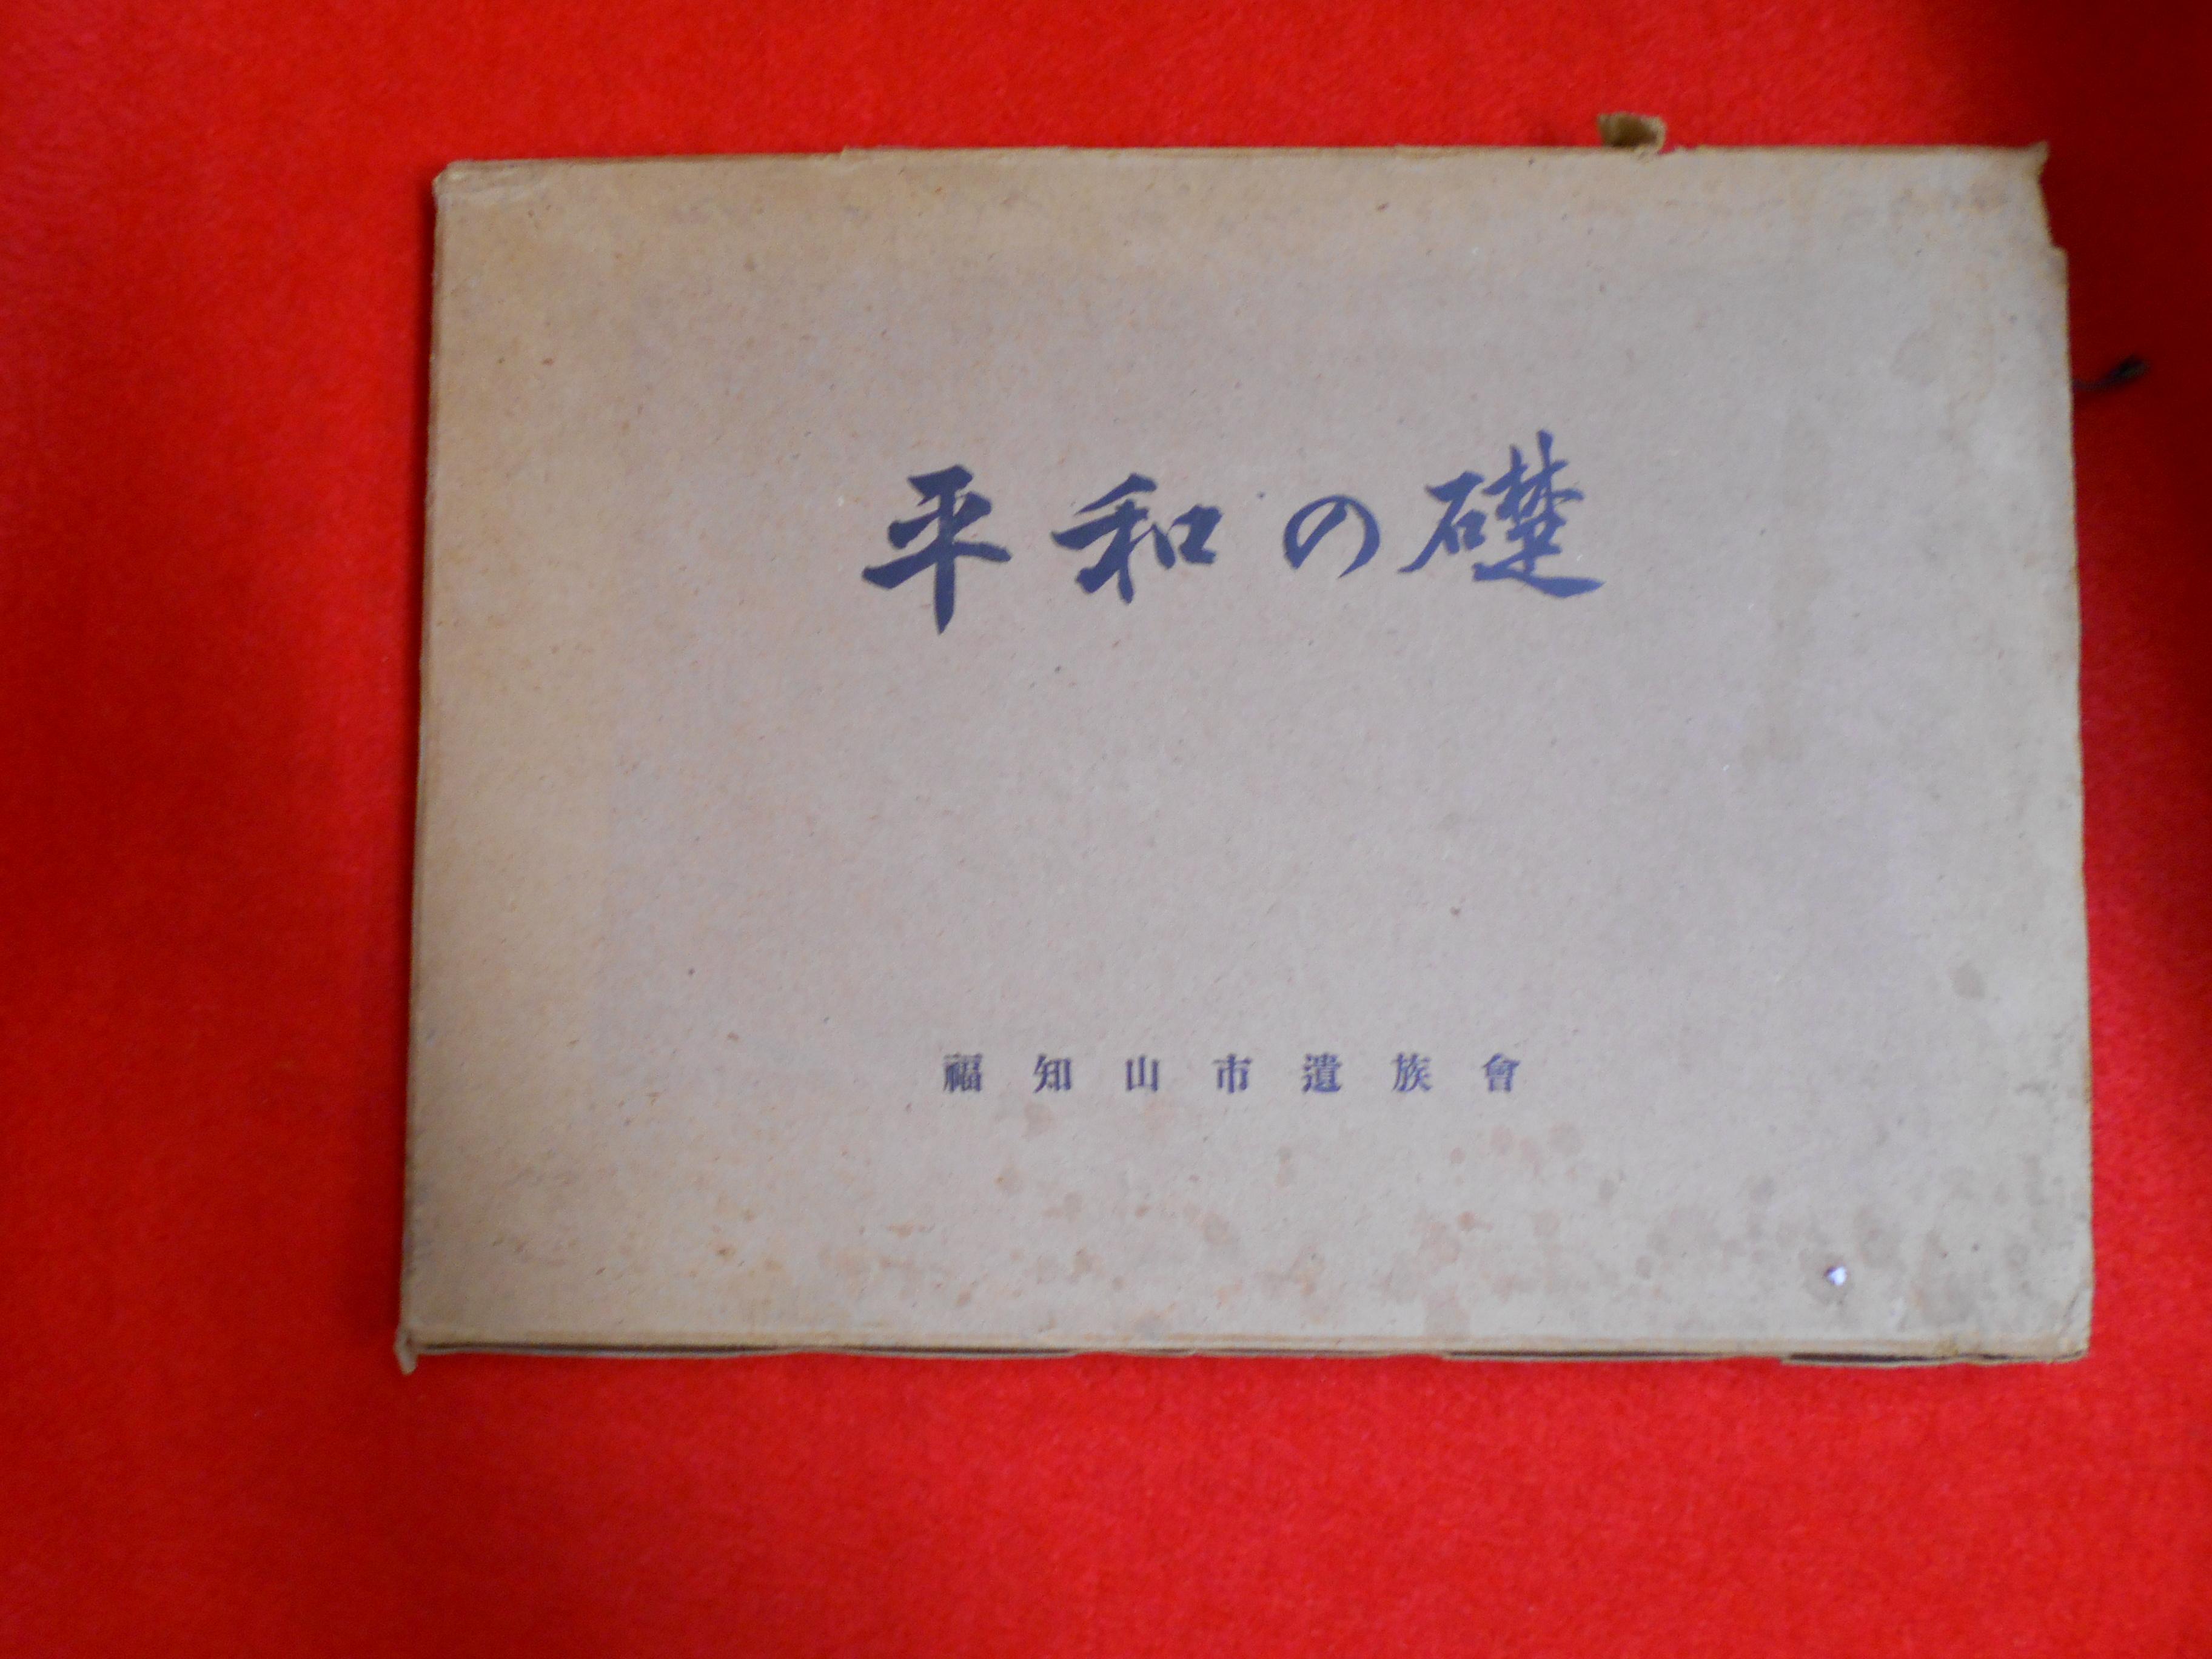 【平和の礎 福知山市遺族会】関西への出張買取にも伺いますの画像